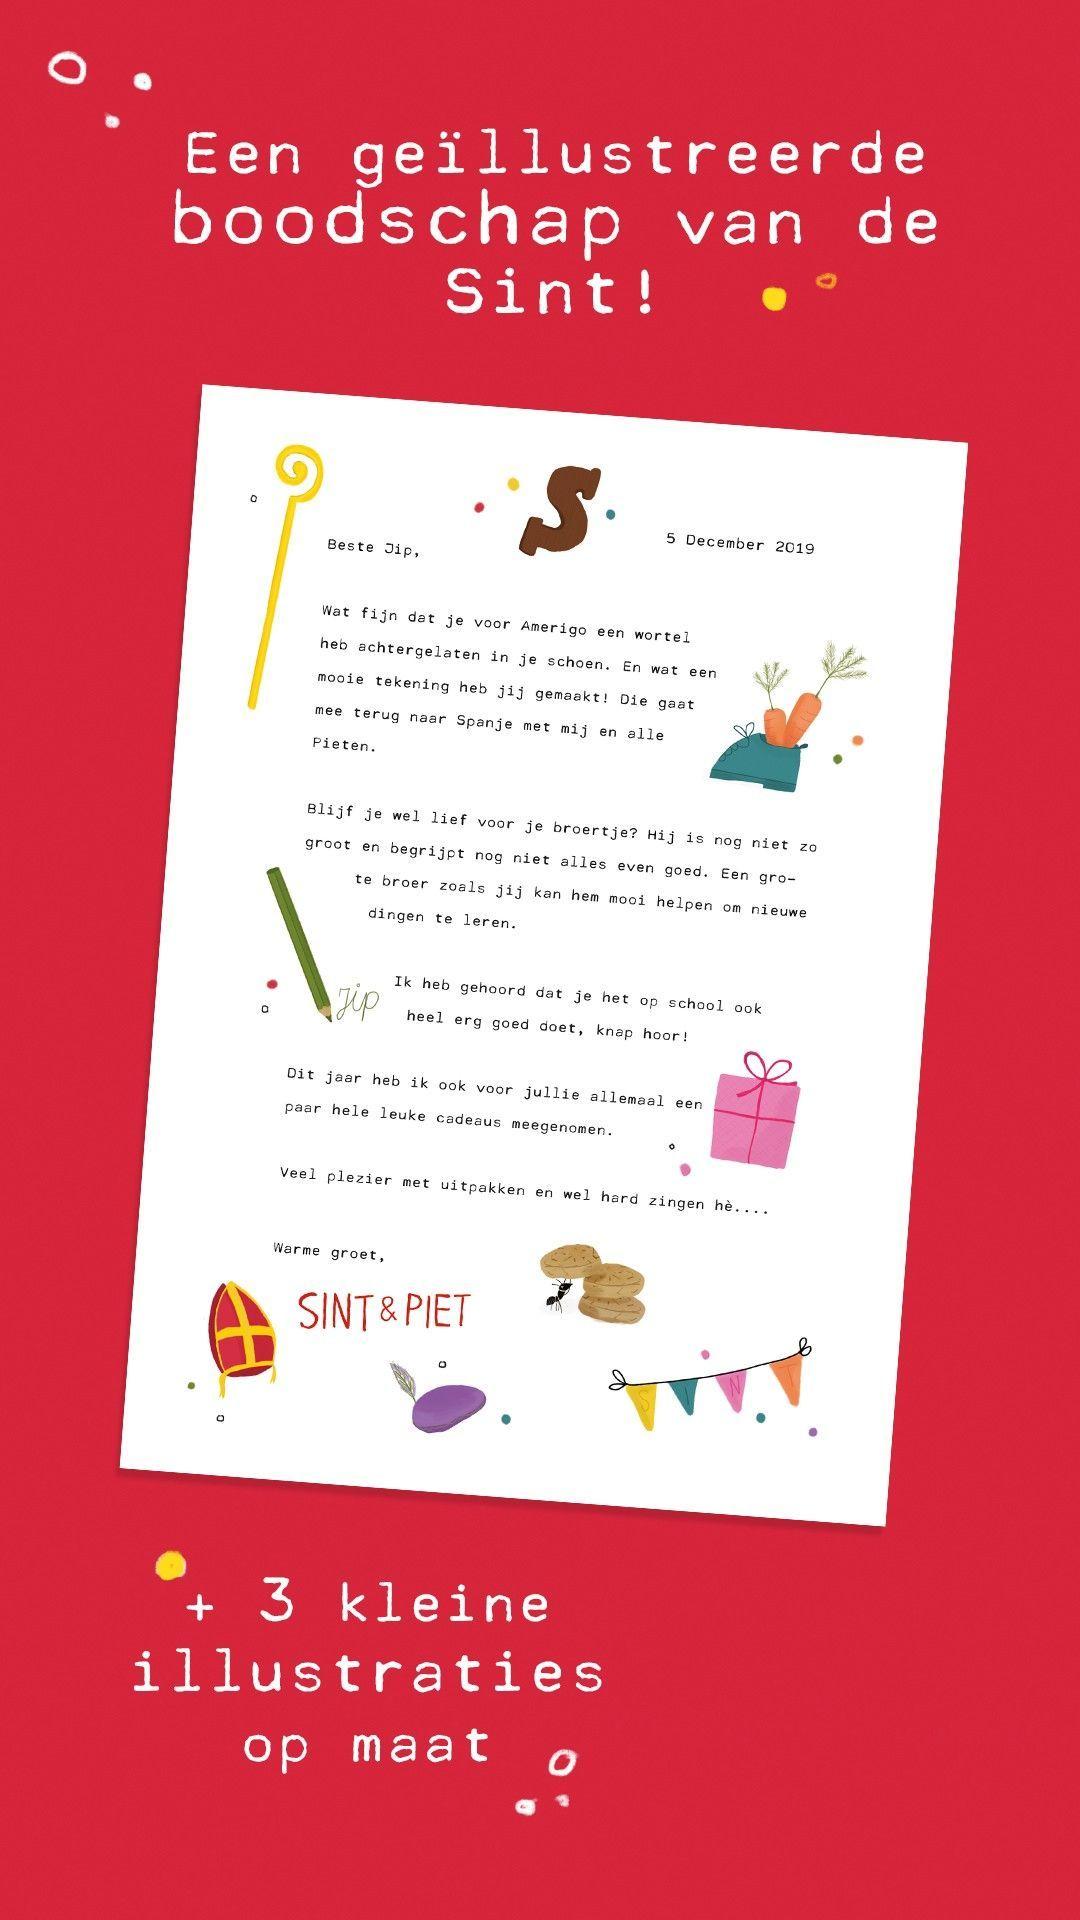 Een brief van Sinterklaas #briefvansinterklaas Wil jij je kindje ook een geïllustreerde boodschap meegeven van de Sint? Nu vanaf €8,95 #briefvansinterklaas